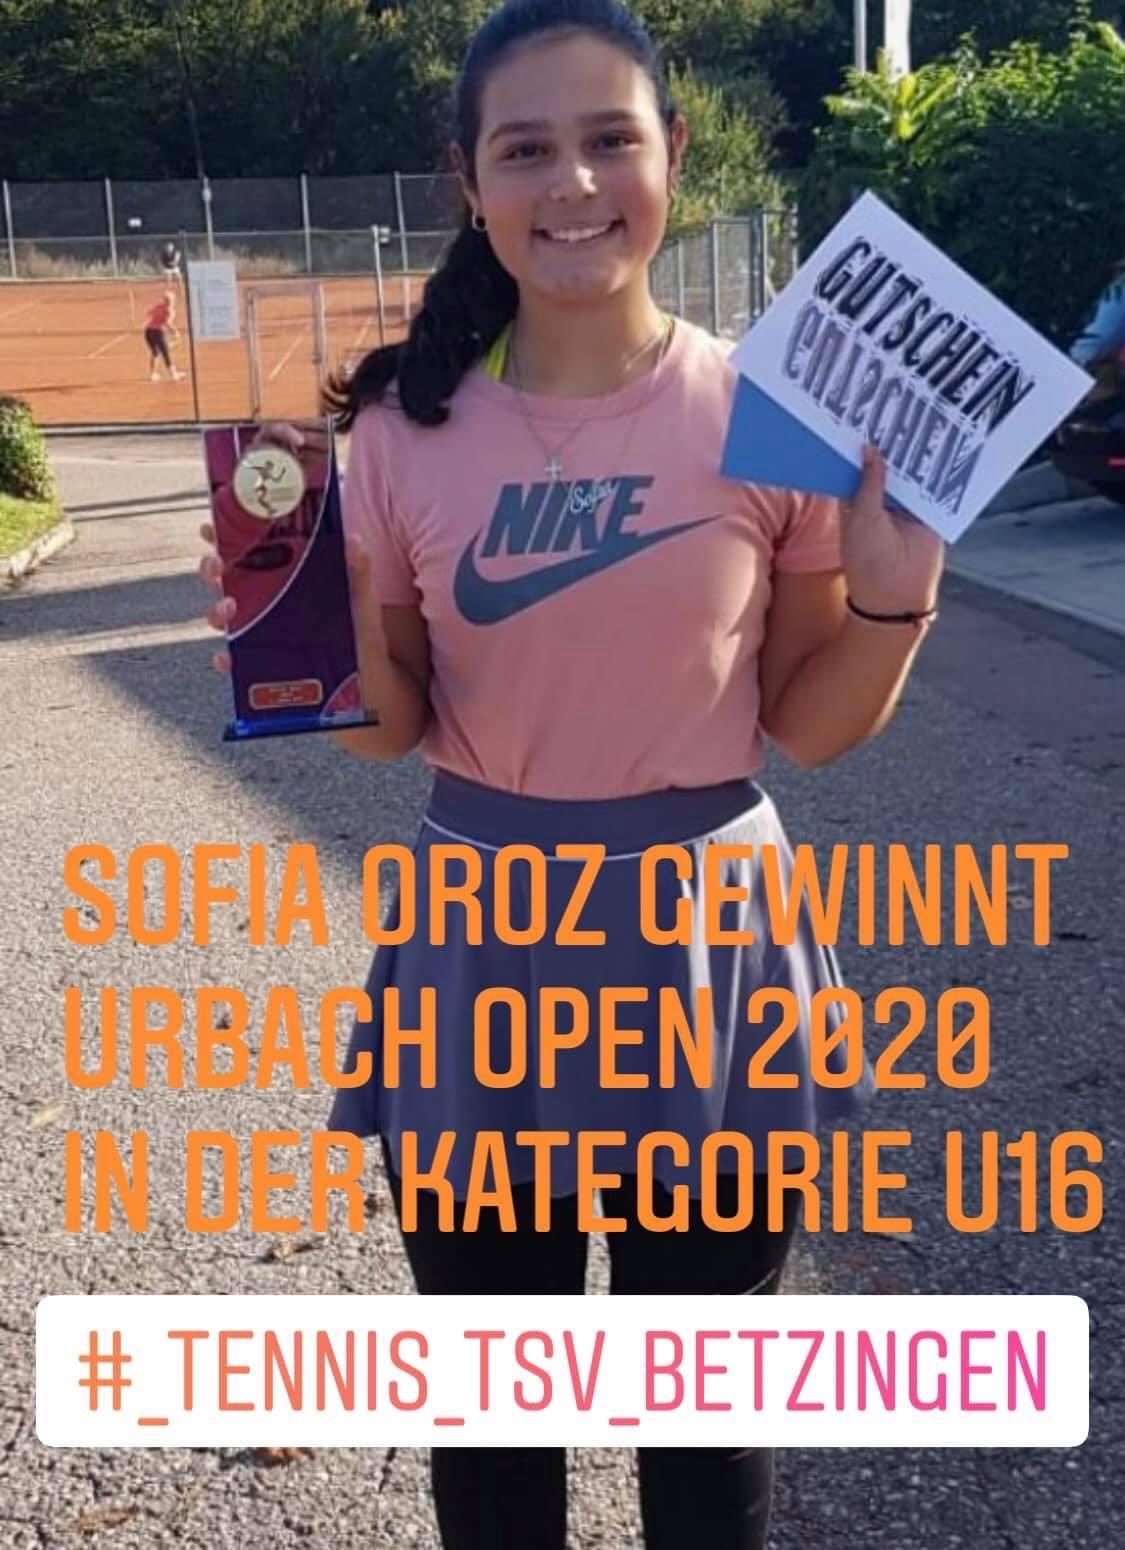 Sofia Oroz gewinnt Urbach Opel 2020